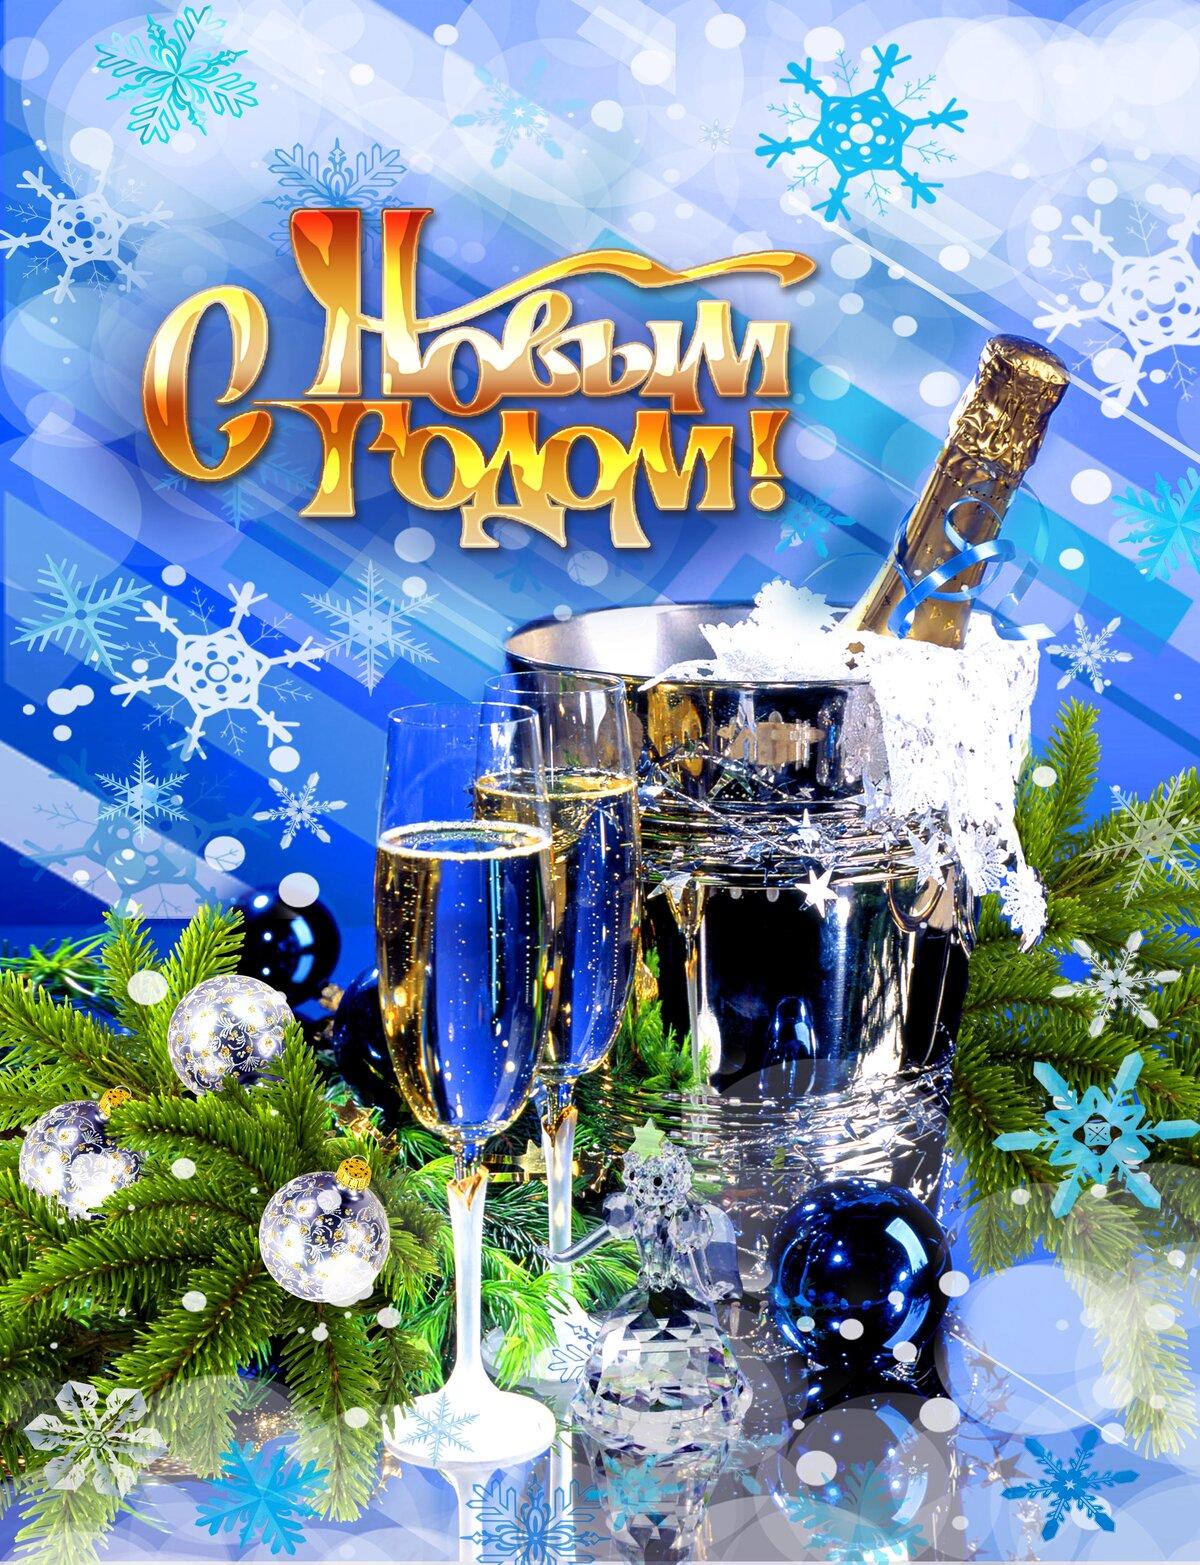 Картинки и открытки с новым годом 2013